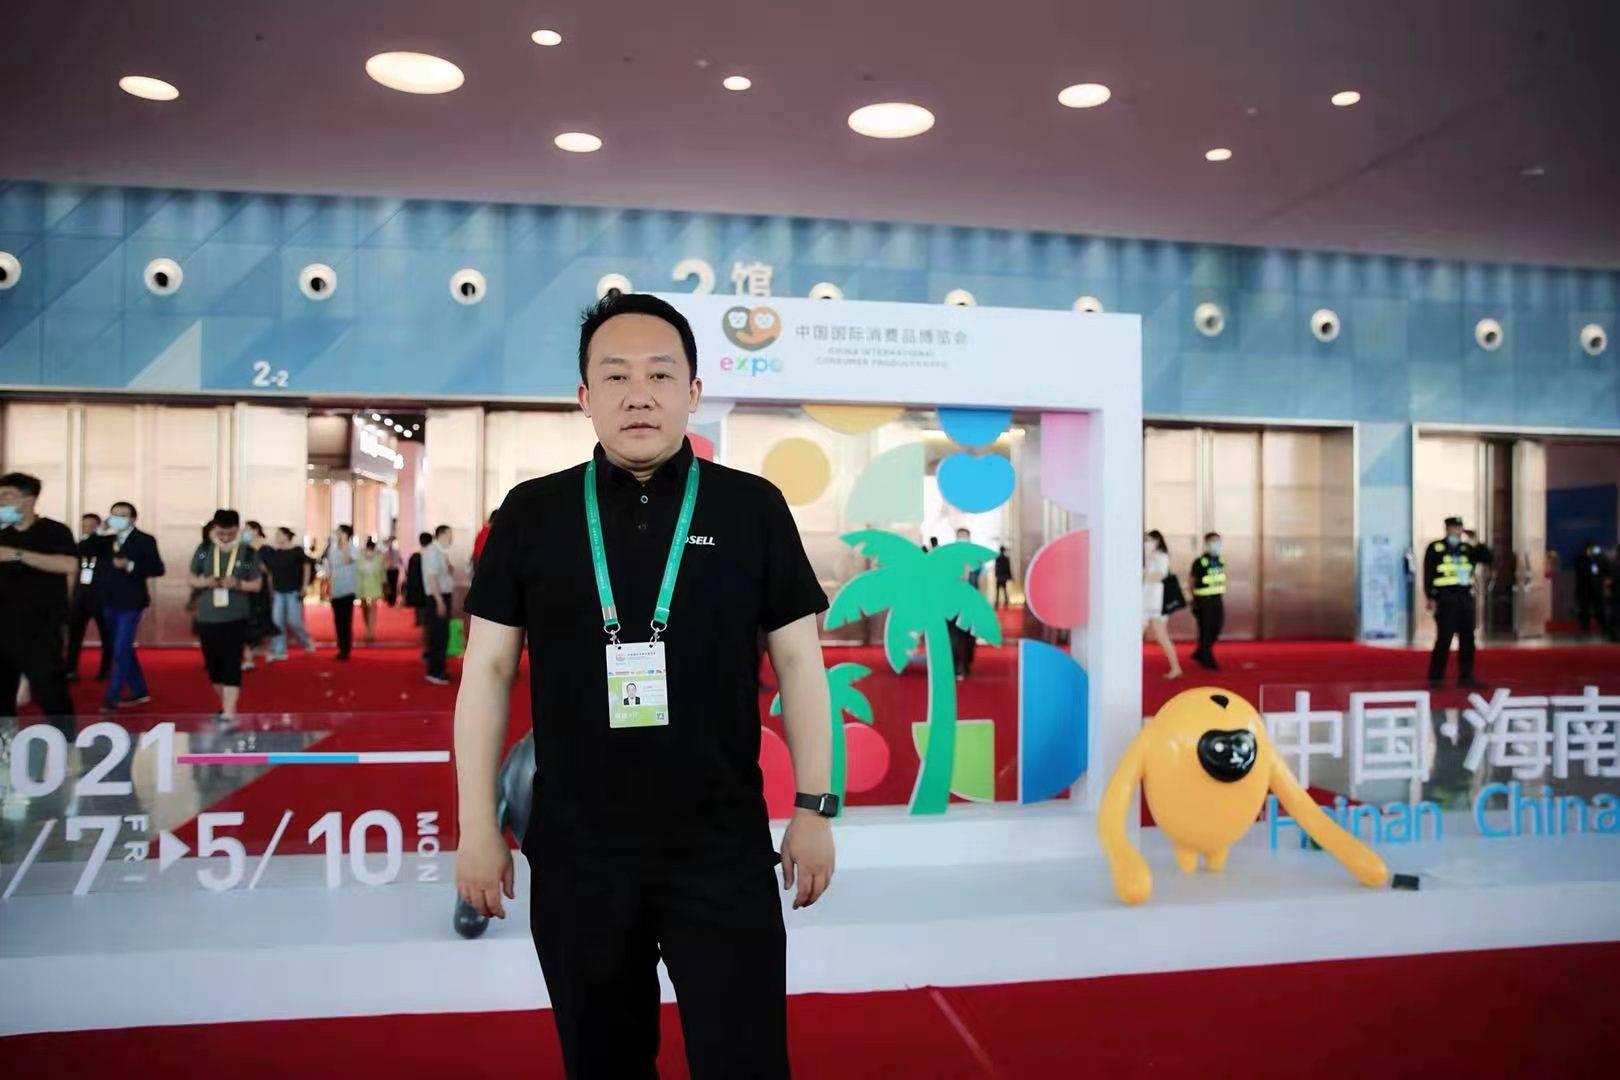 大龙网董事长冯剑峰:下沉服务是数字贸易和跨境电商的未来